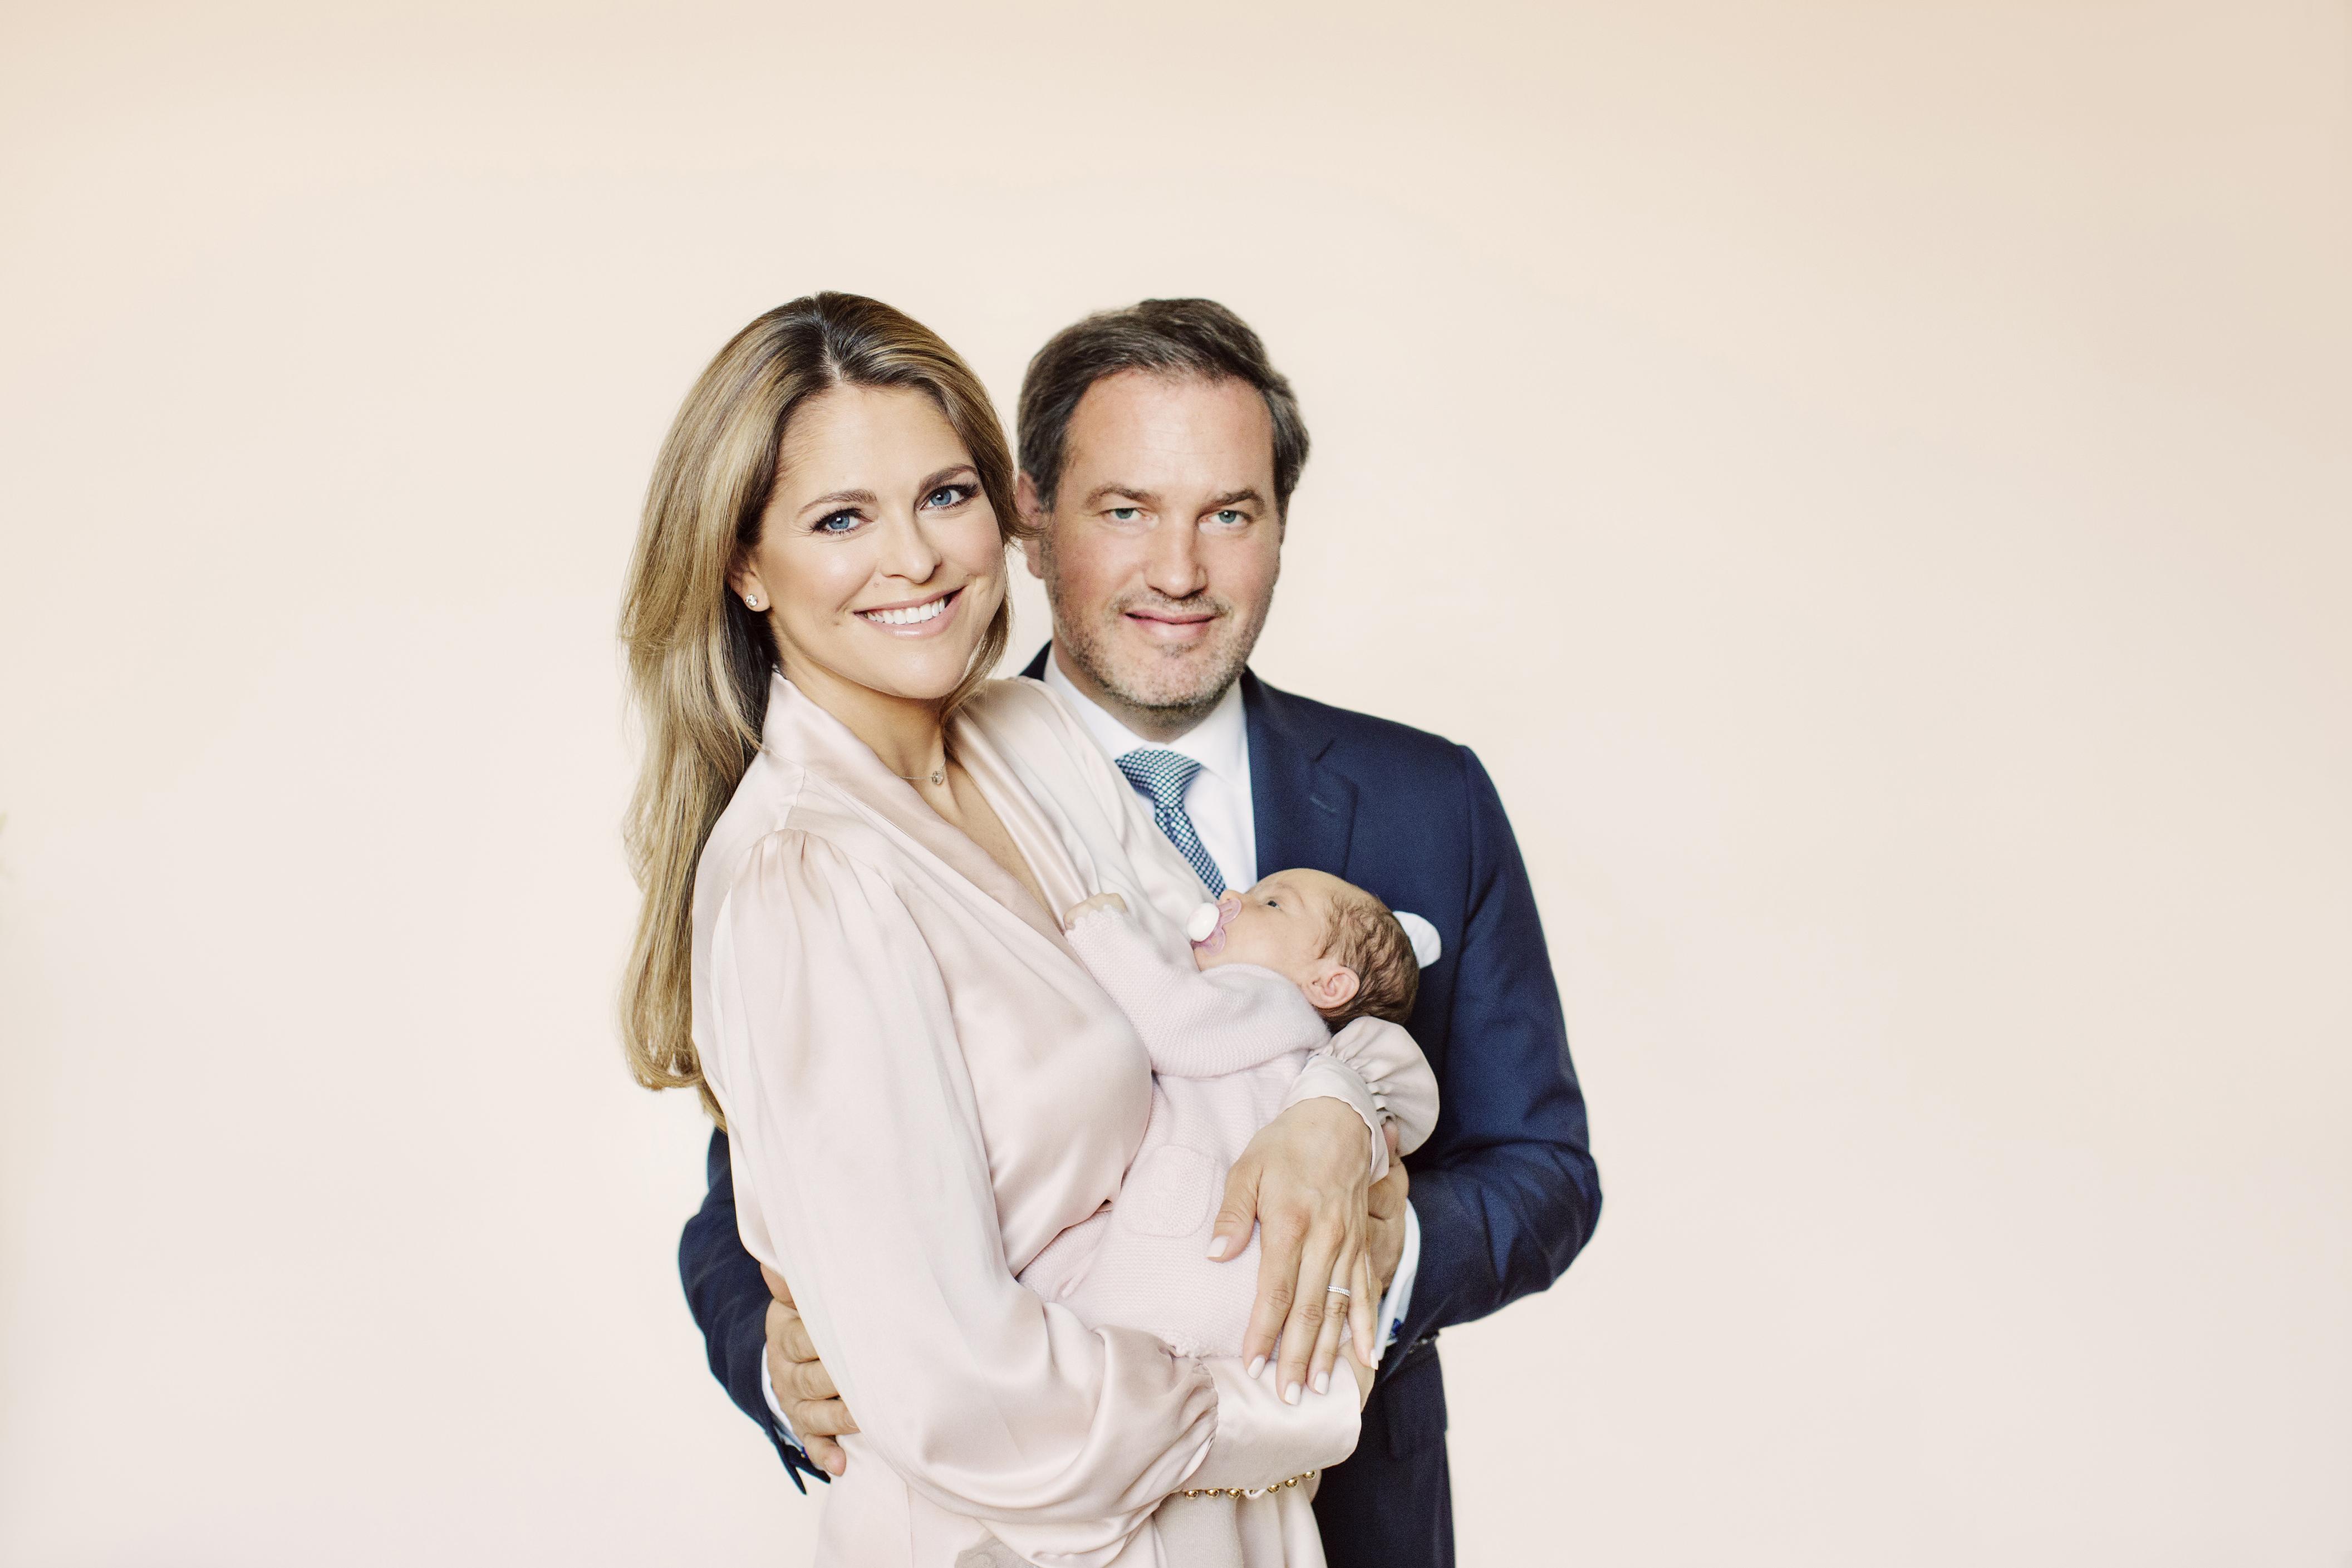 Nieuwe Officiële Foto Van Prinses Madeleine Van Zweden En